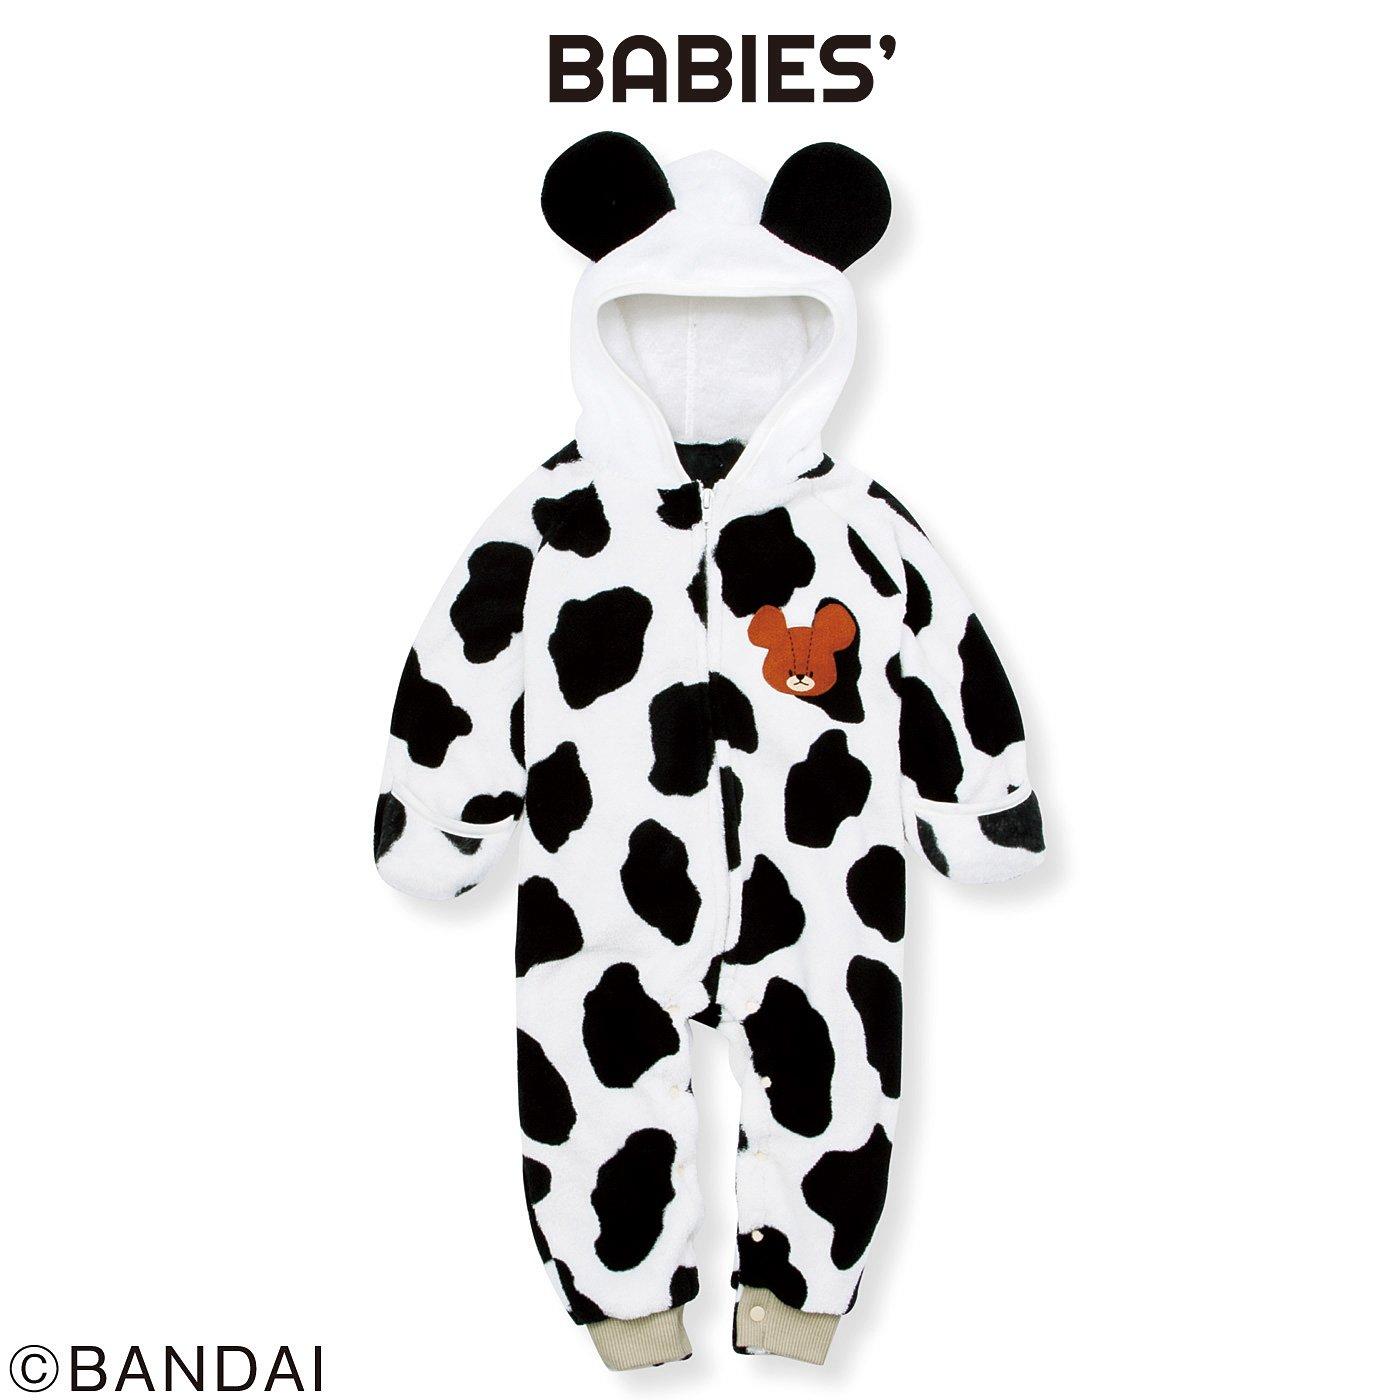 くまのがっこう ミルクちゃんの着ぐるみフリースカバーオール〈ベビー〉